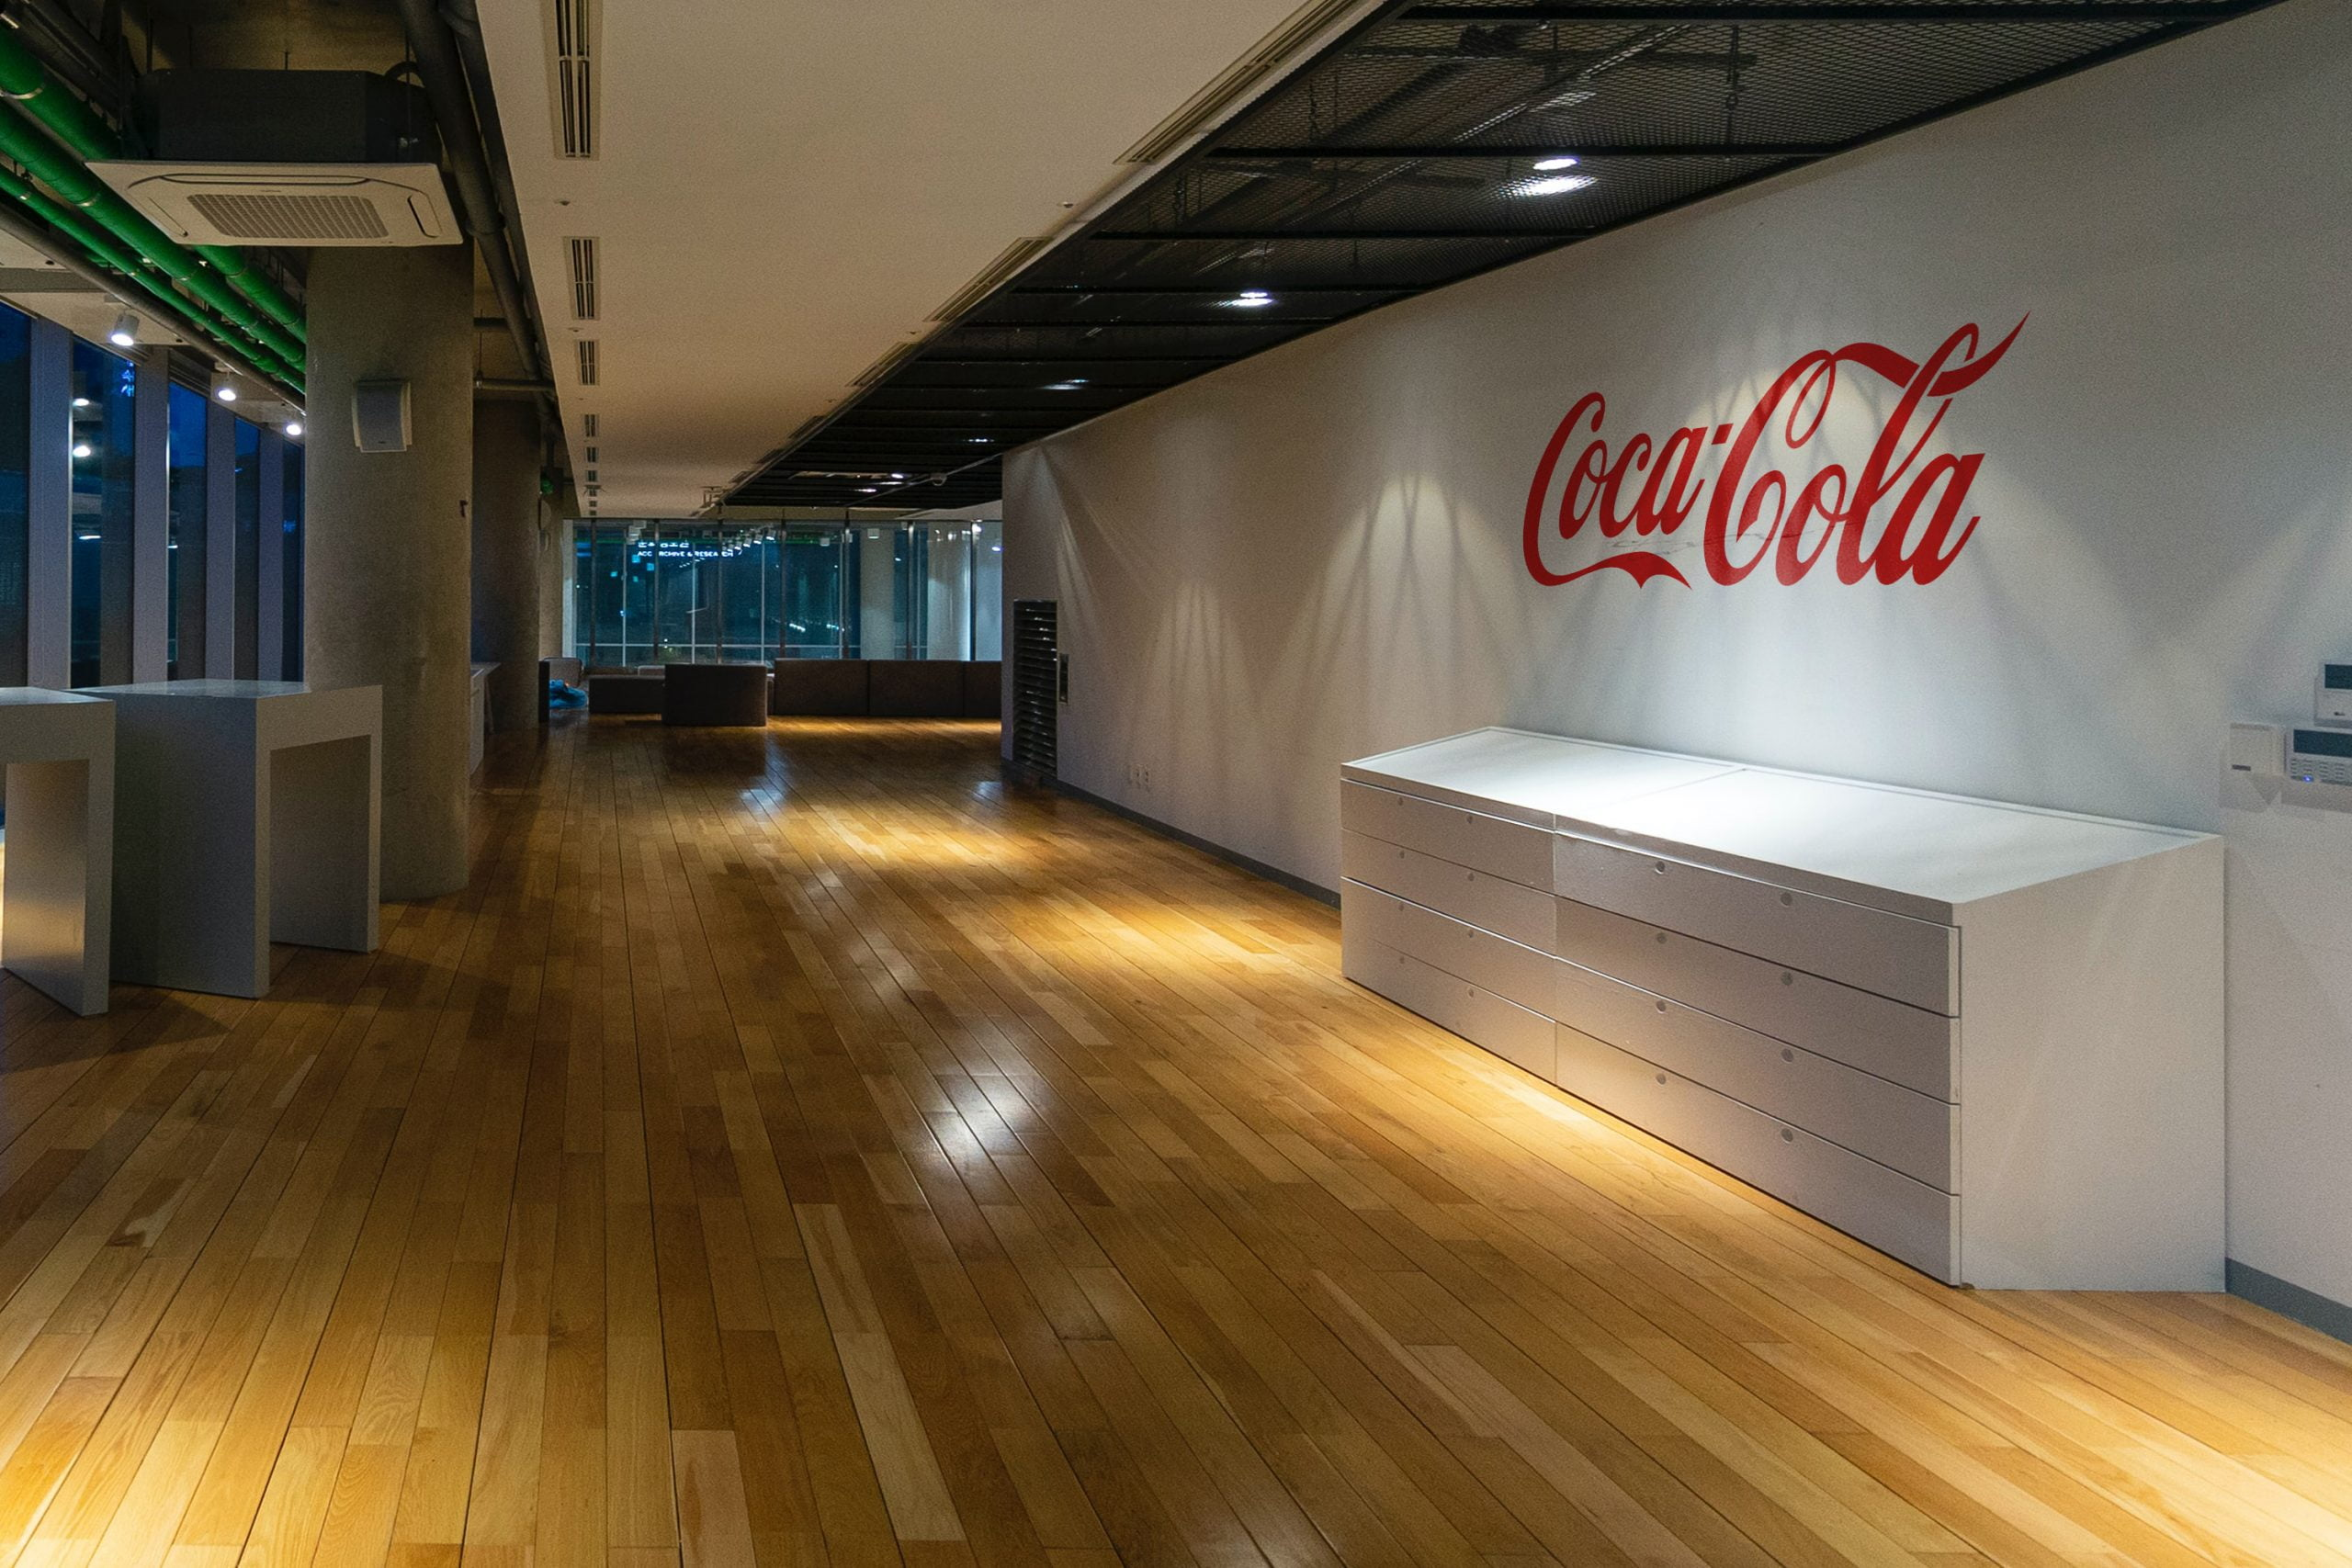 Office Corridor Wall Logo Mockup